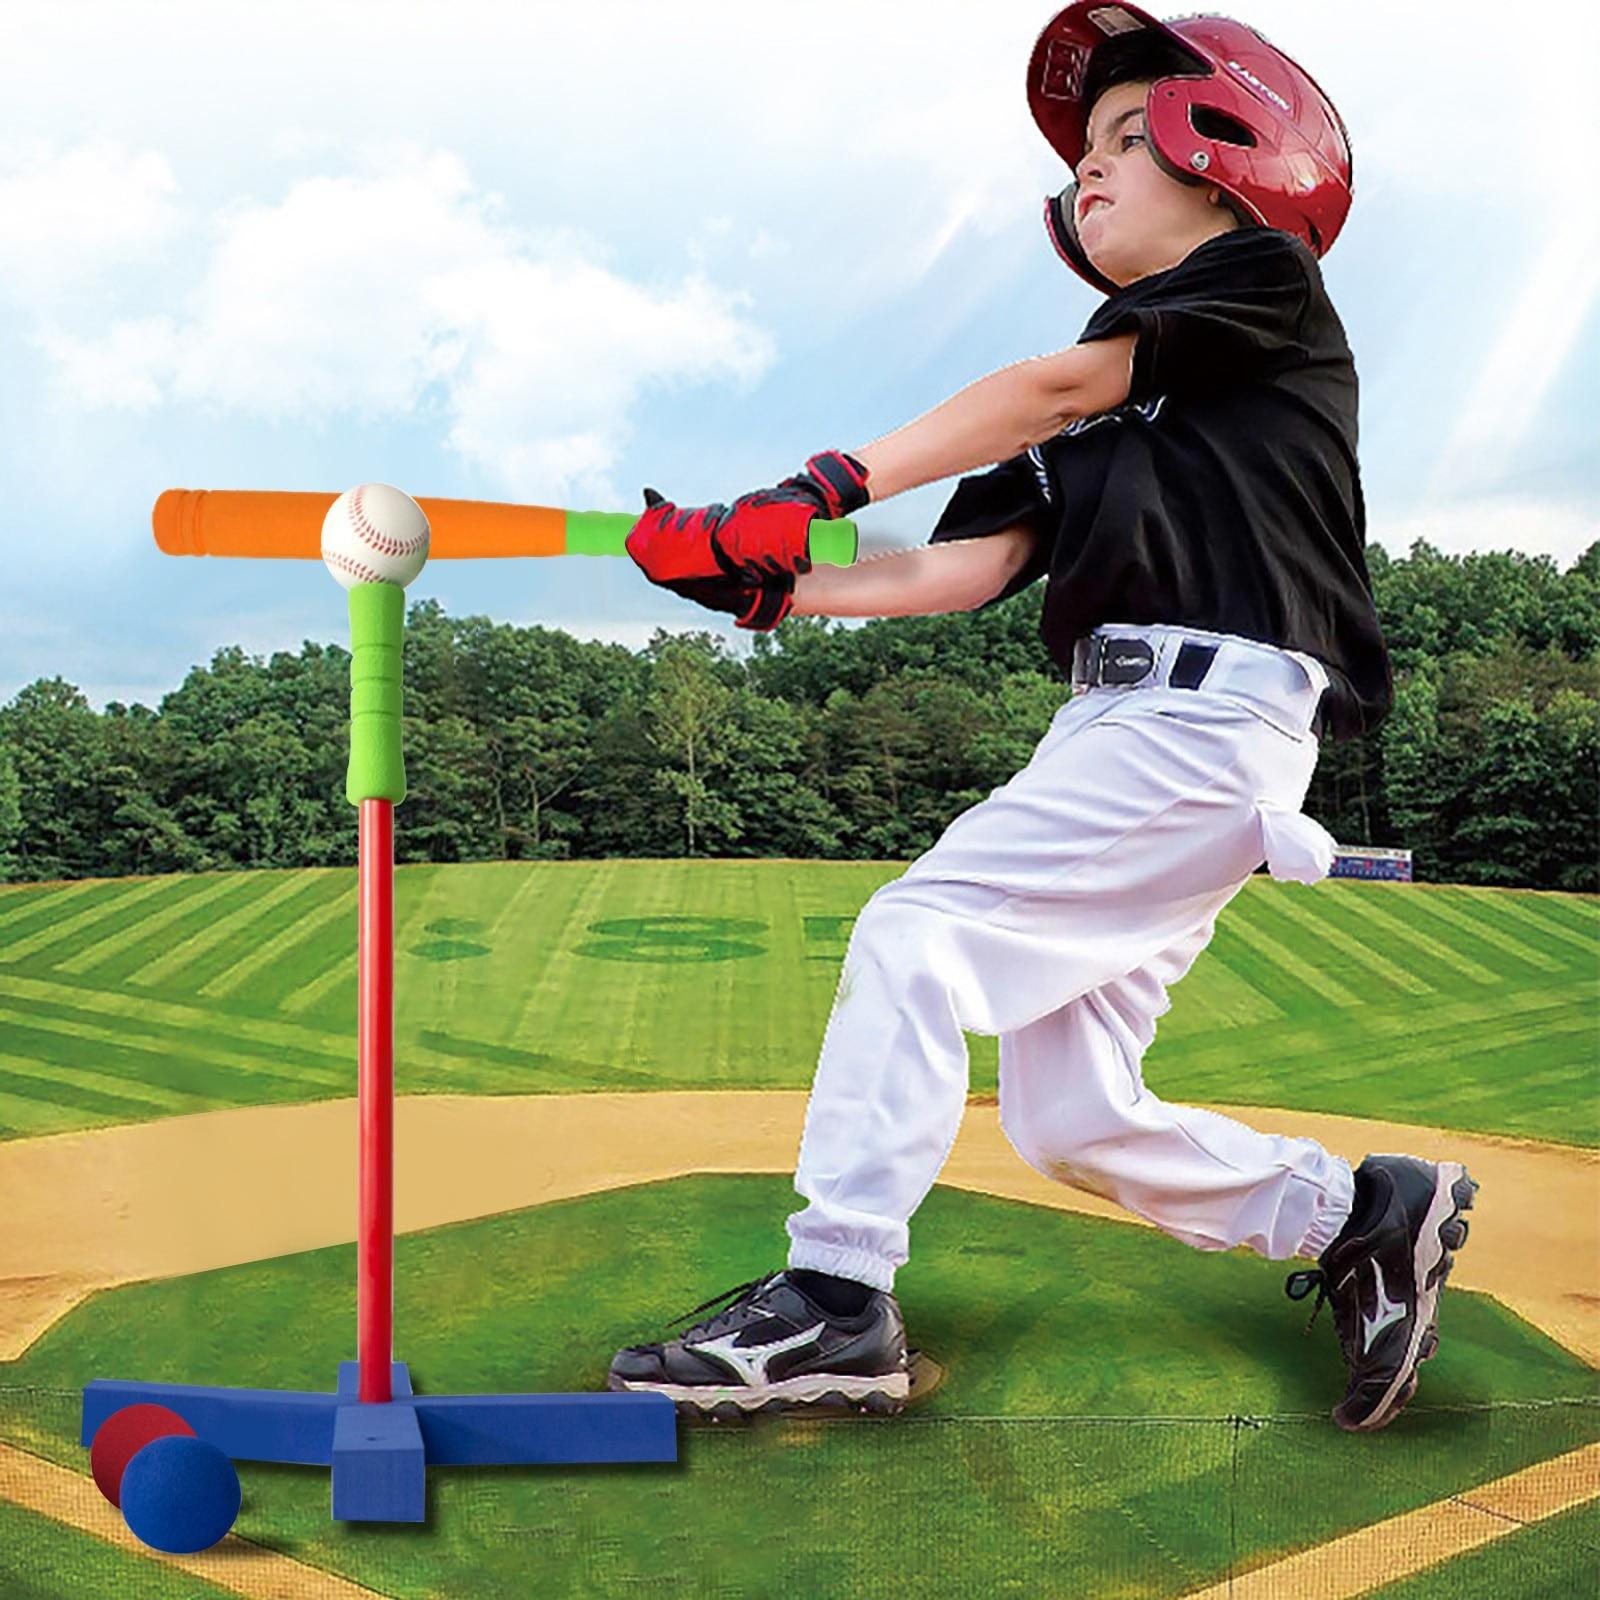 في الهواء الطلق ألعاب الكرة التدريب البيسبول مجموعة للأطفال البولينج كرات الغولف برو مجموعة حلقة بلاستيكية مجموعة للأطفال الصغار أكثر من 3 س...